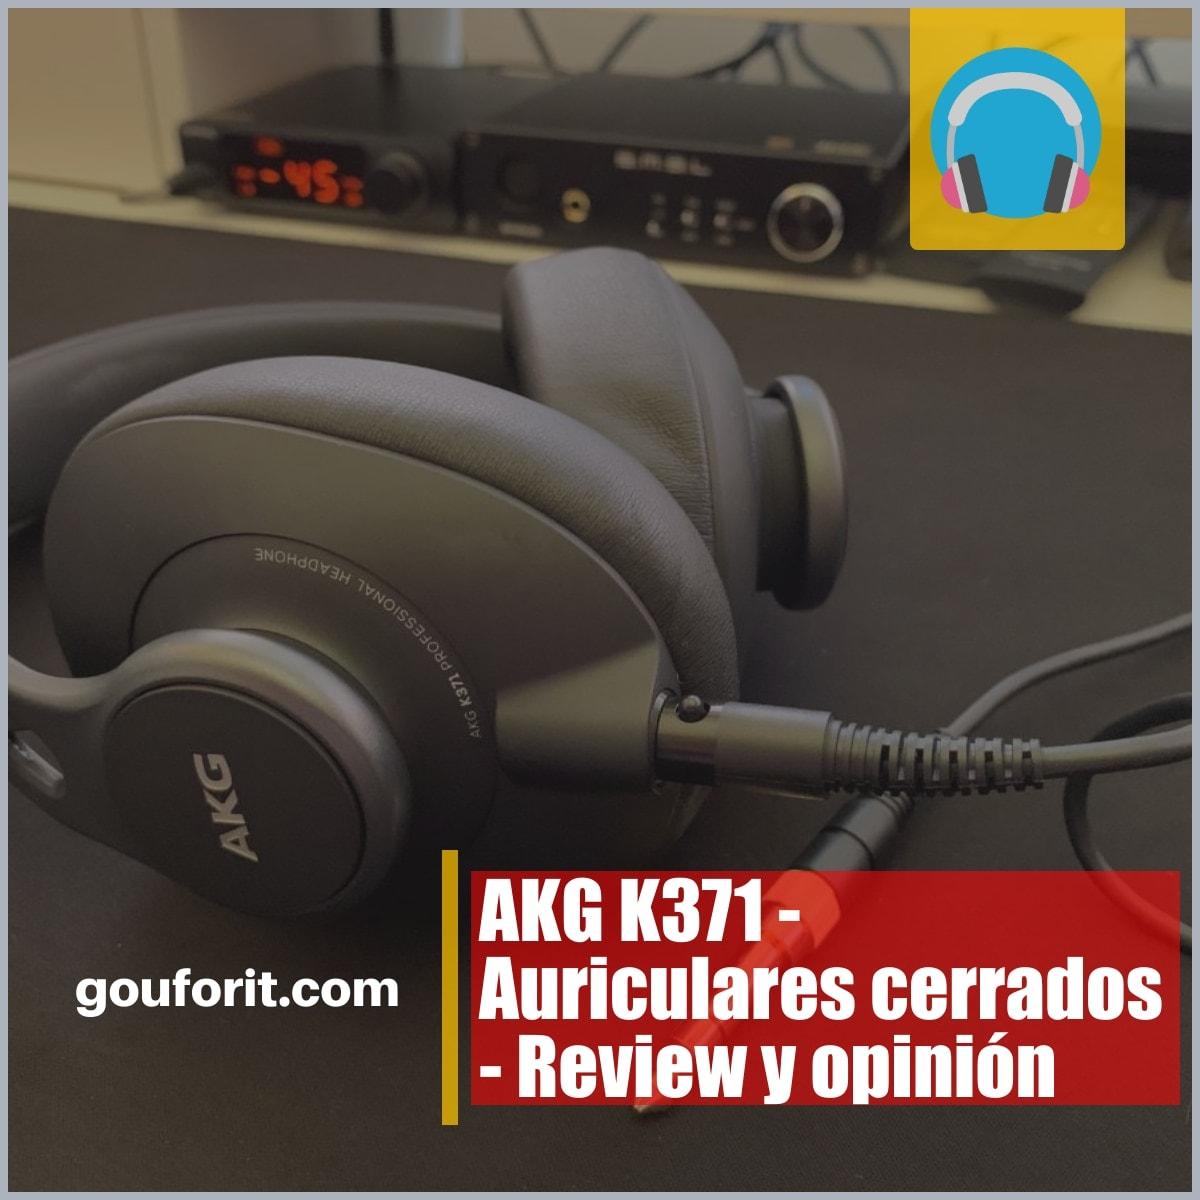 AKG K371 - Auriculares cerrados - Review y opinión